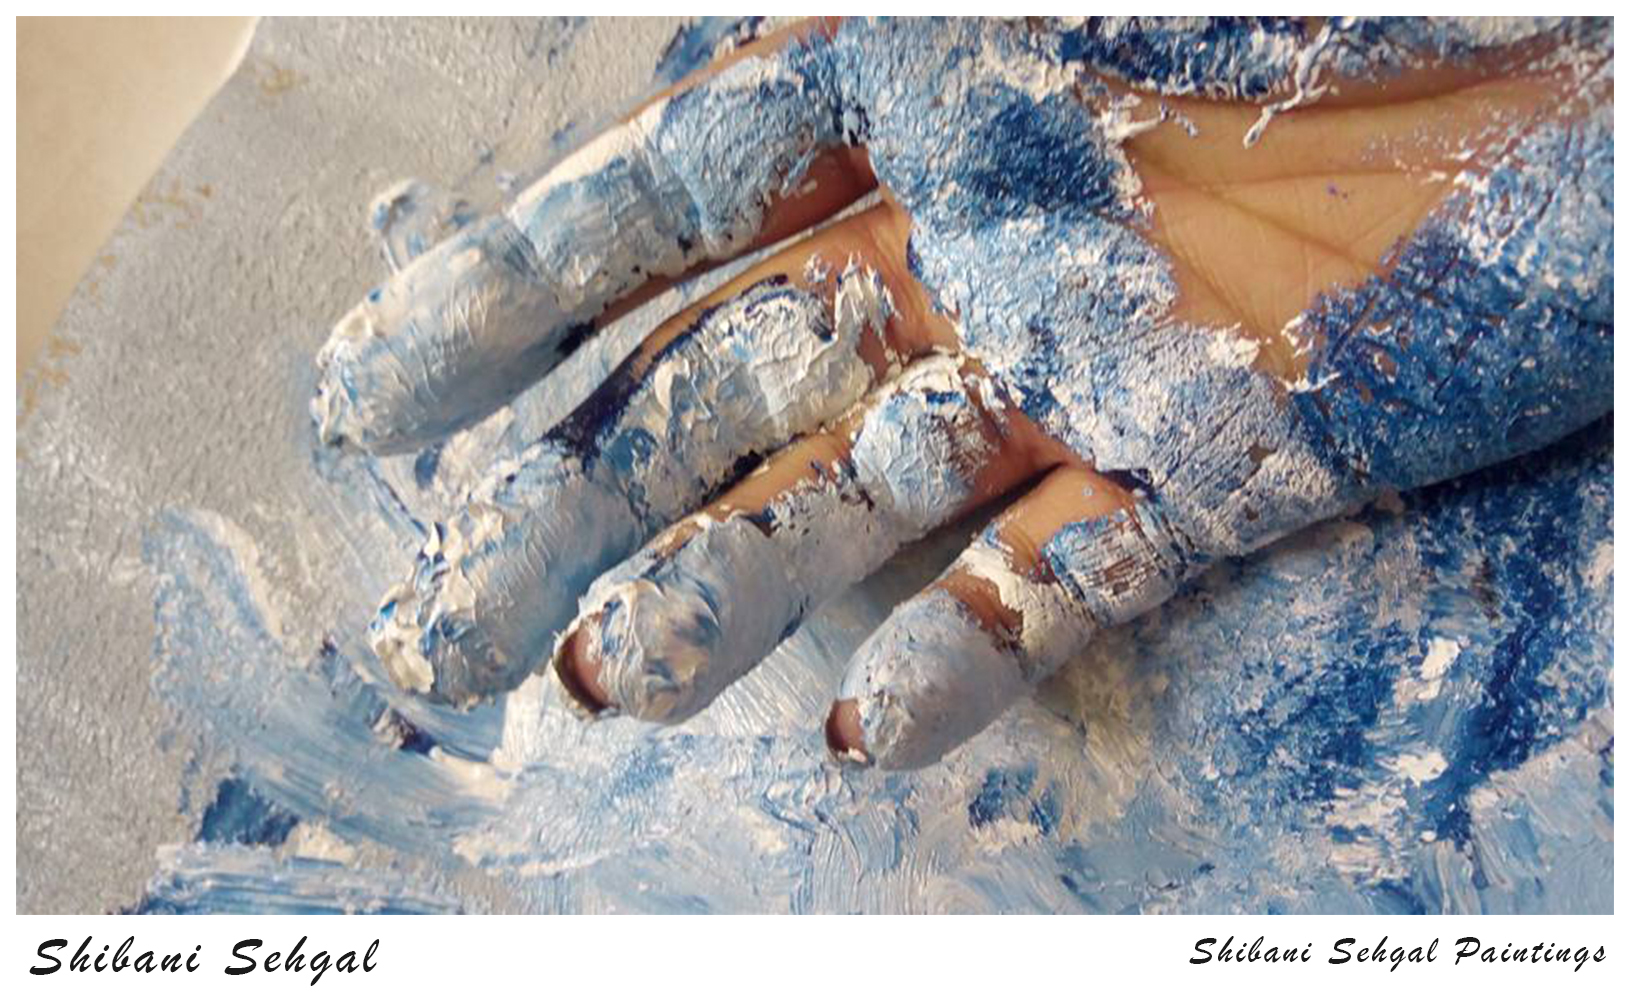 Shibani-Sehgal-6